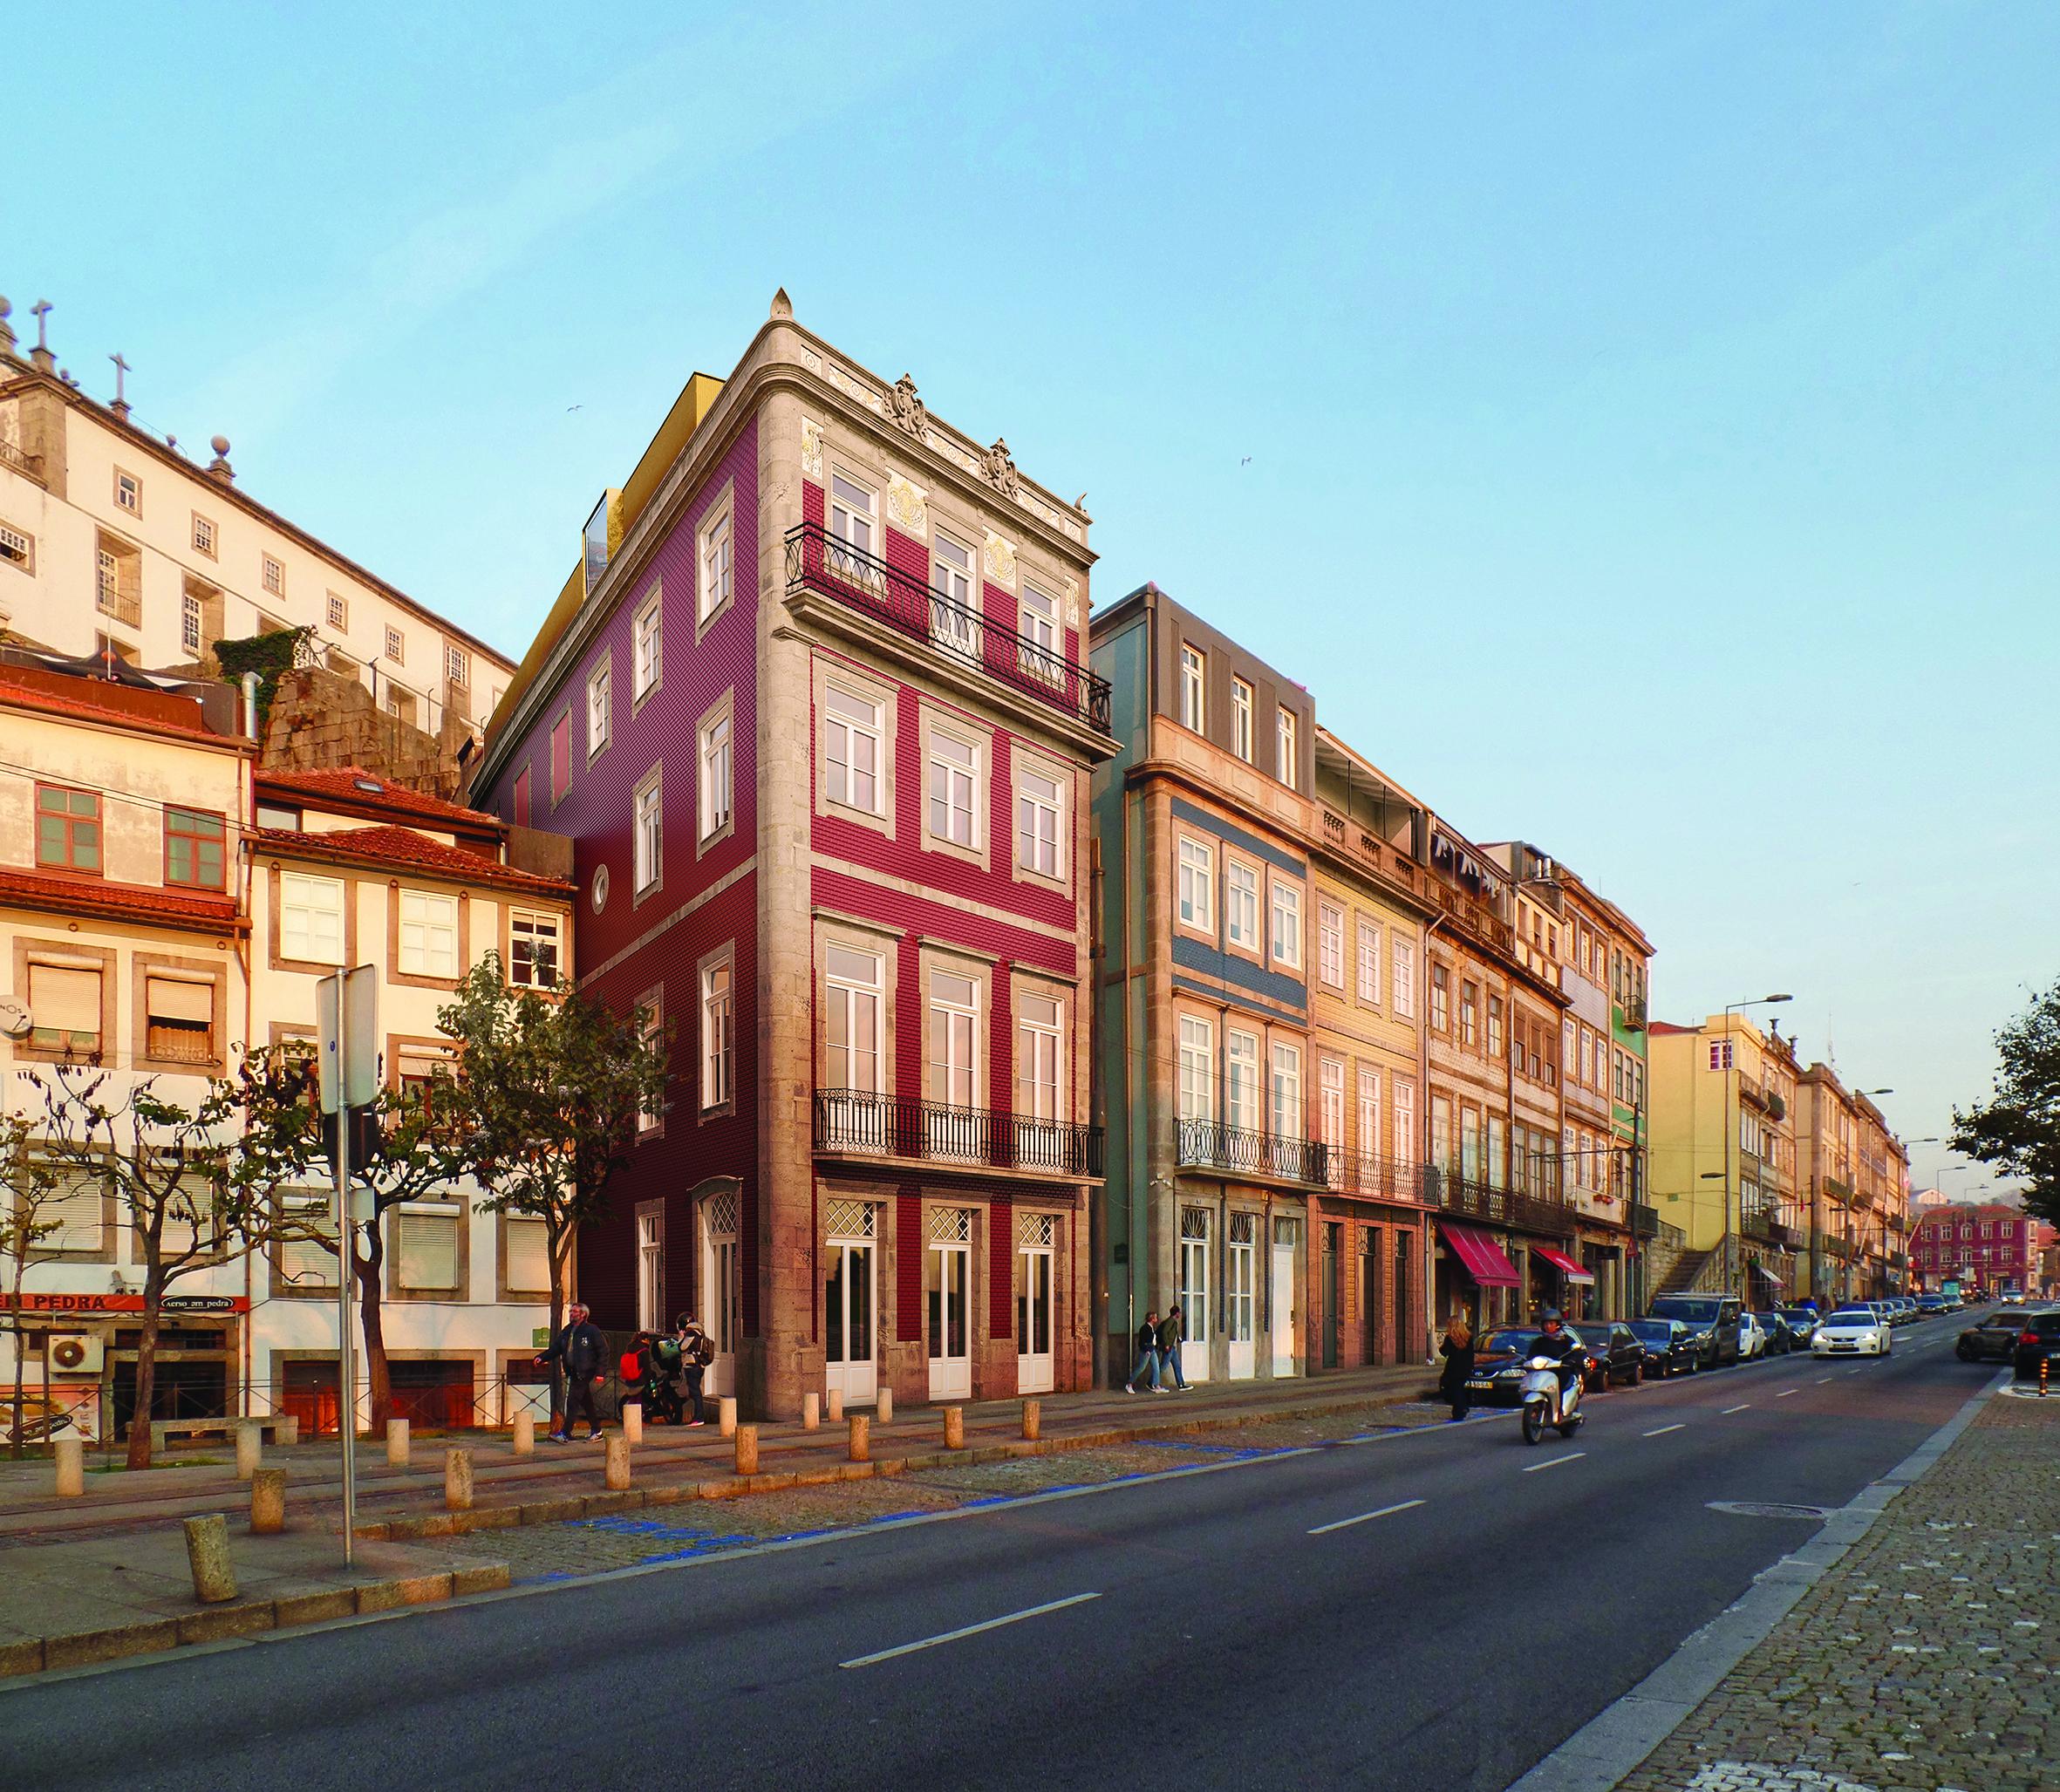 www.anteprojectos.com.pt